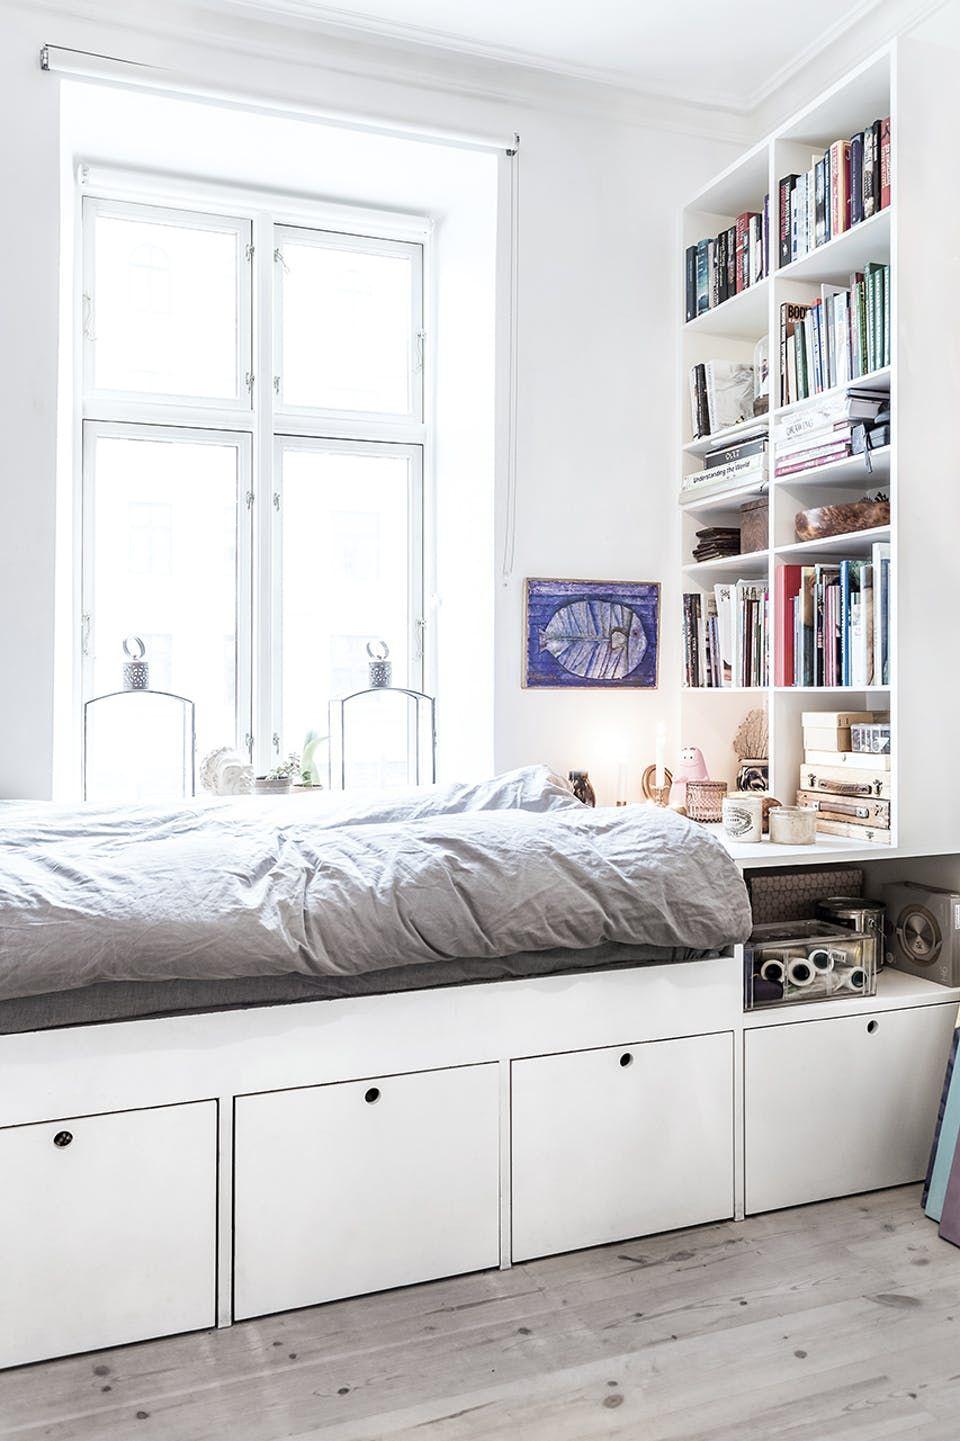 Lejlighed med listige løsninger compact living compact and storage